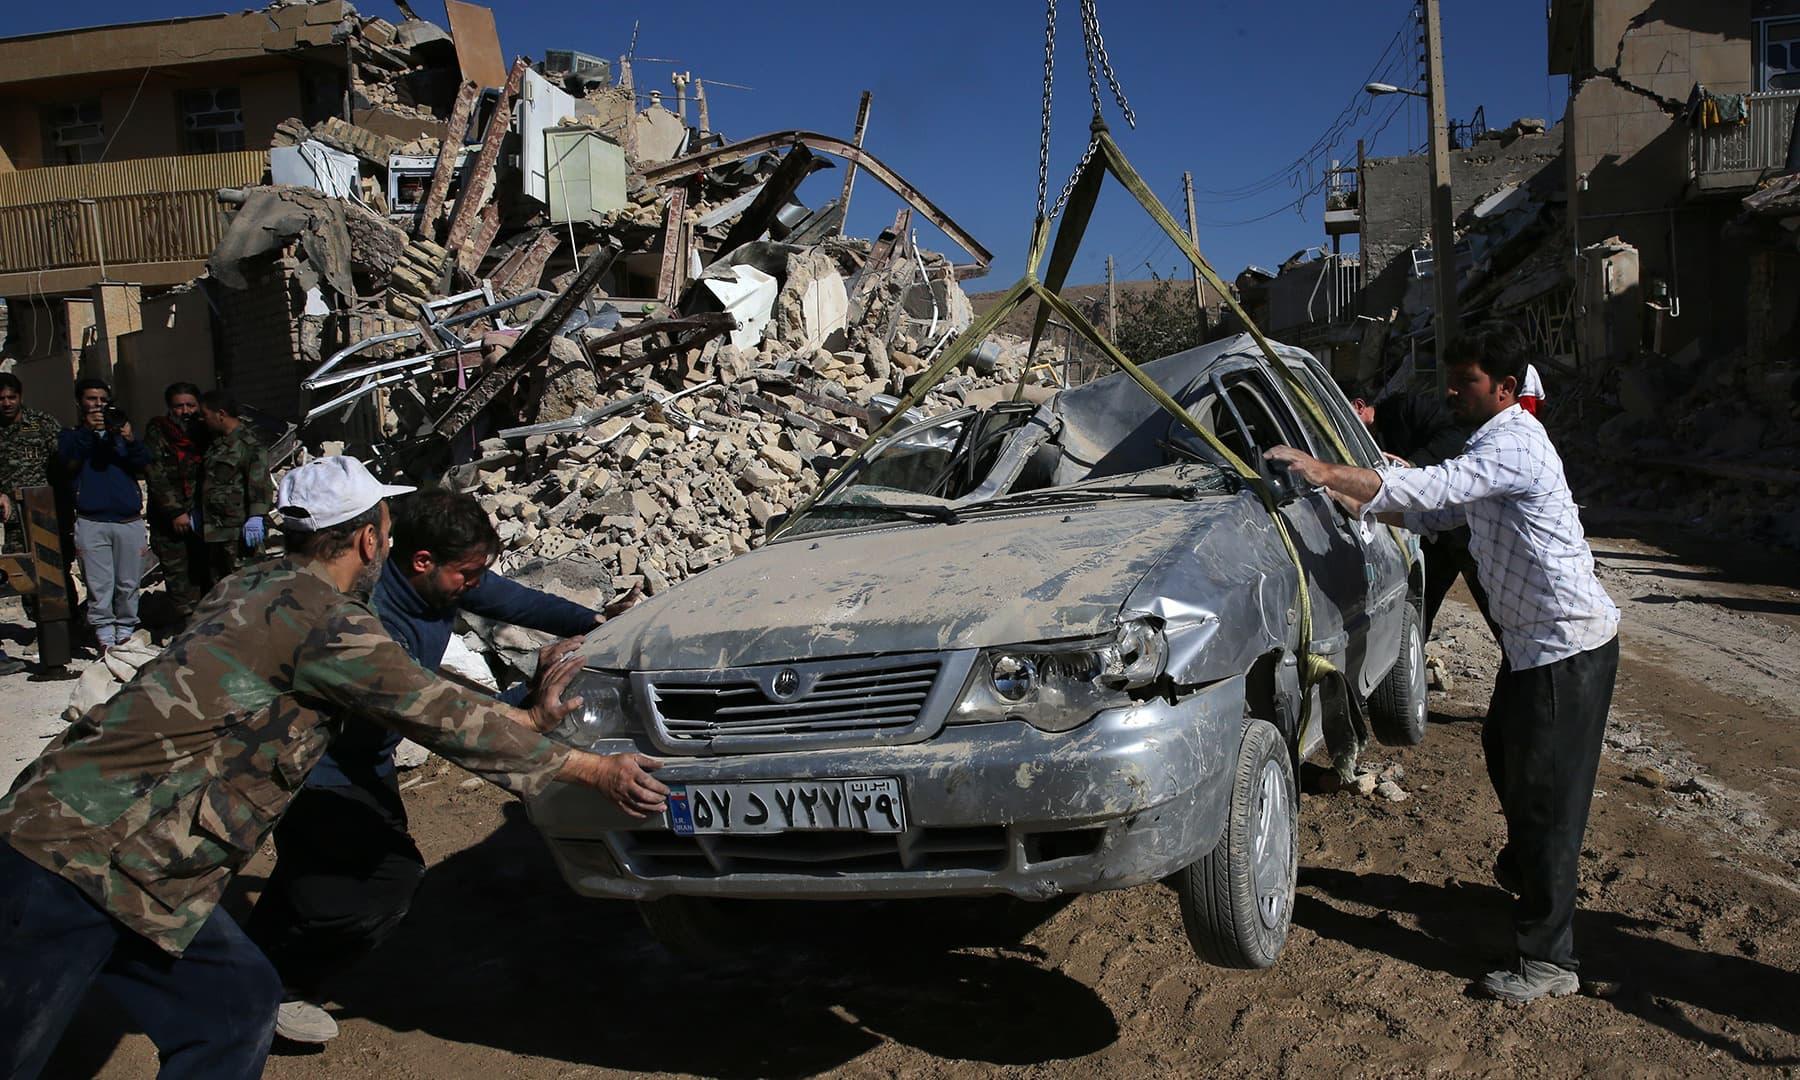 ایران کے صوبے کرمانشاہ کے علاقے سرپولِ ذہب میں ایک تباہ شدہ گاڑی کو کرین کے ذریعے ہٹایا جا رہا ہے۔ — فوٹو اے پی۔